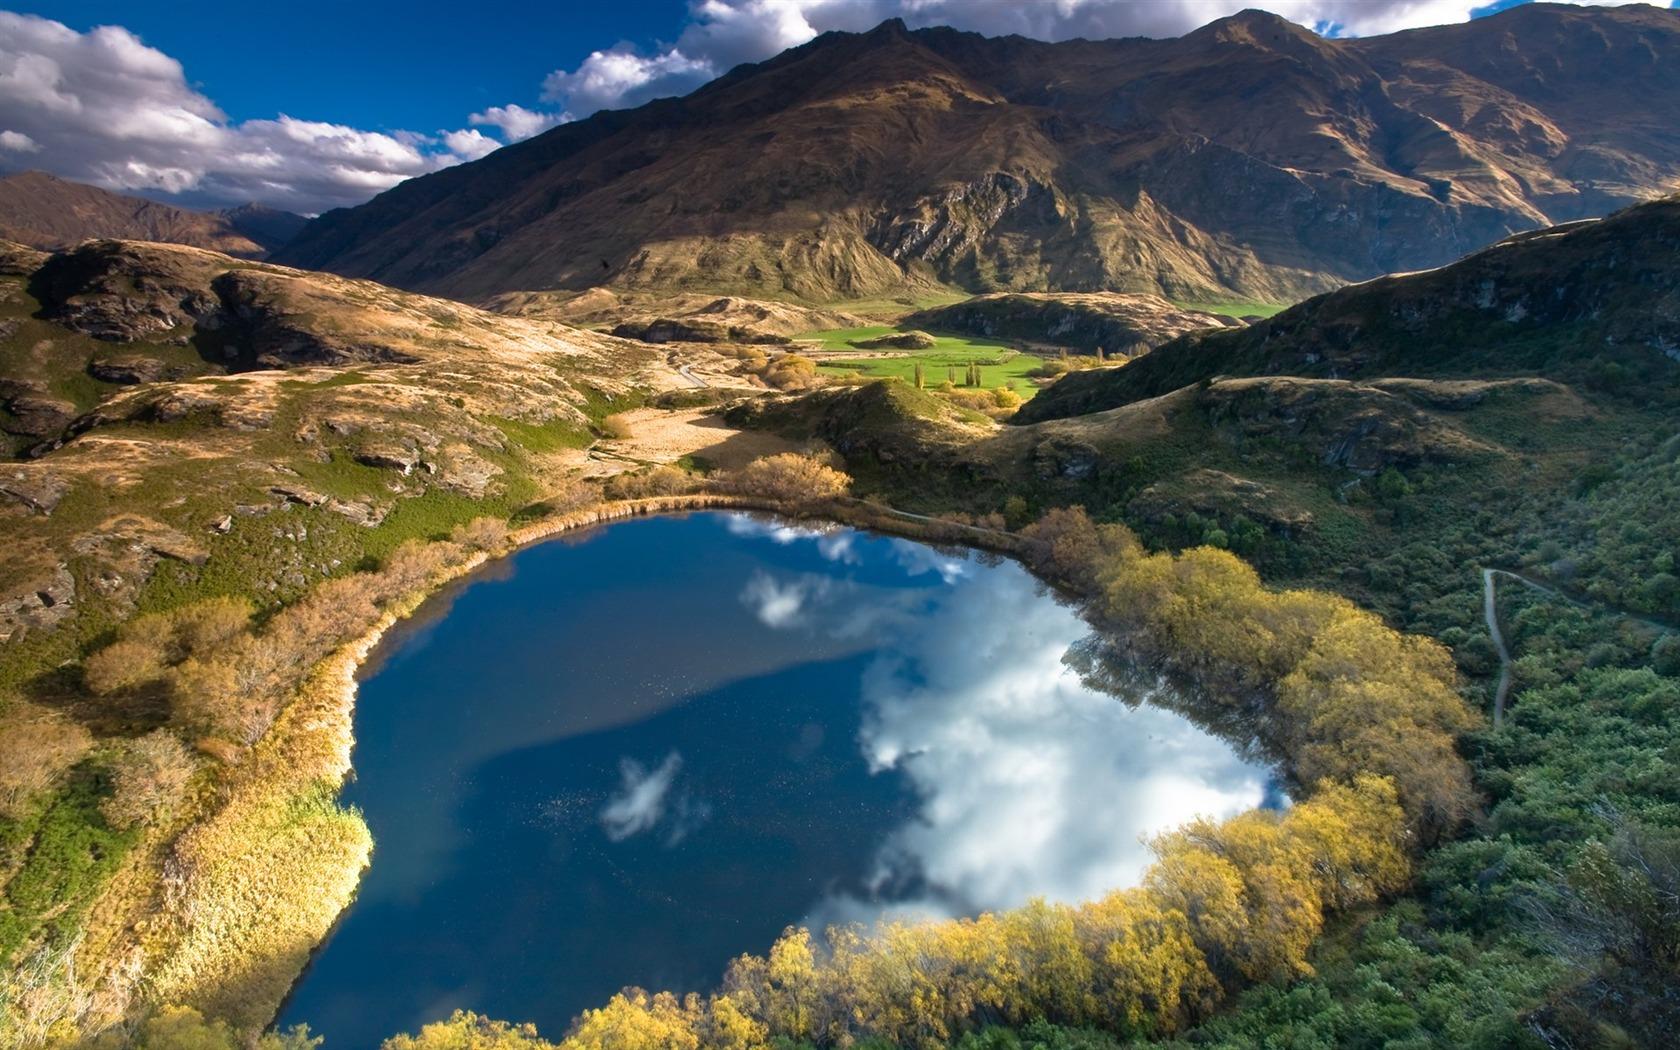 Souvent Nouvelle-Zélande papier peint paysage pittoresque #12 - 1680x1050  IA95